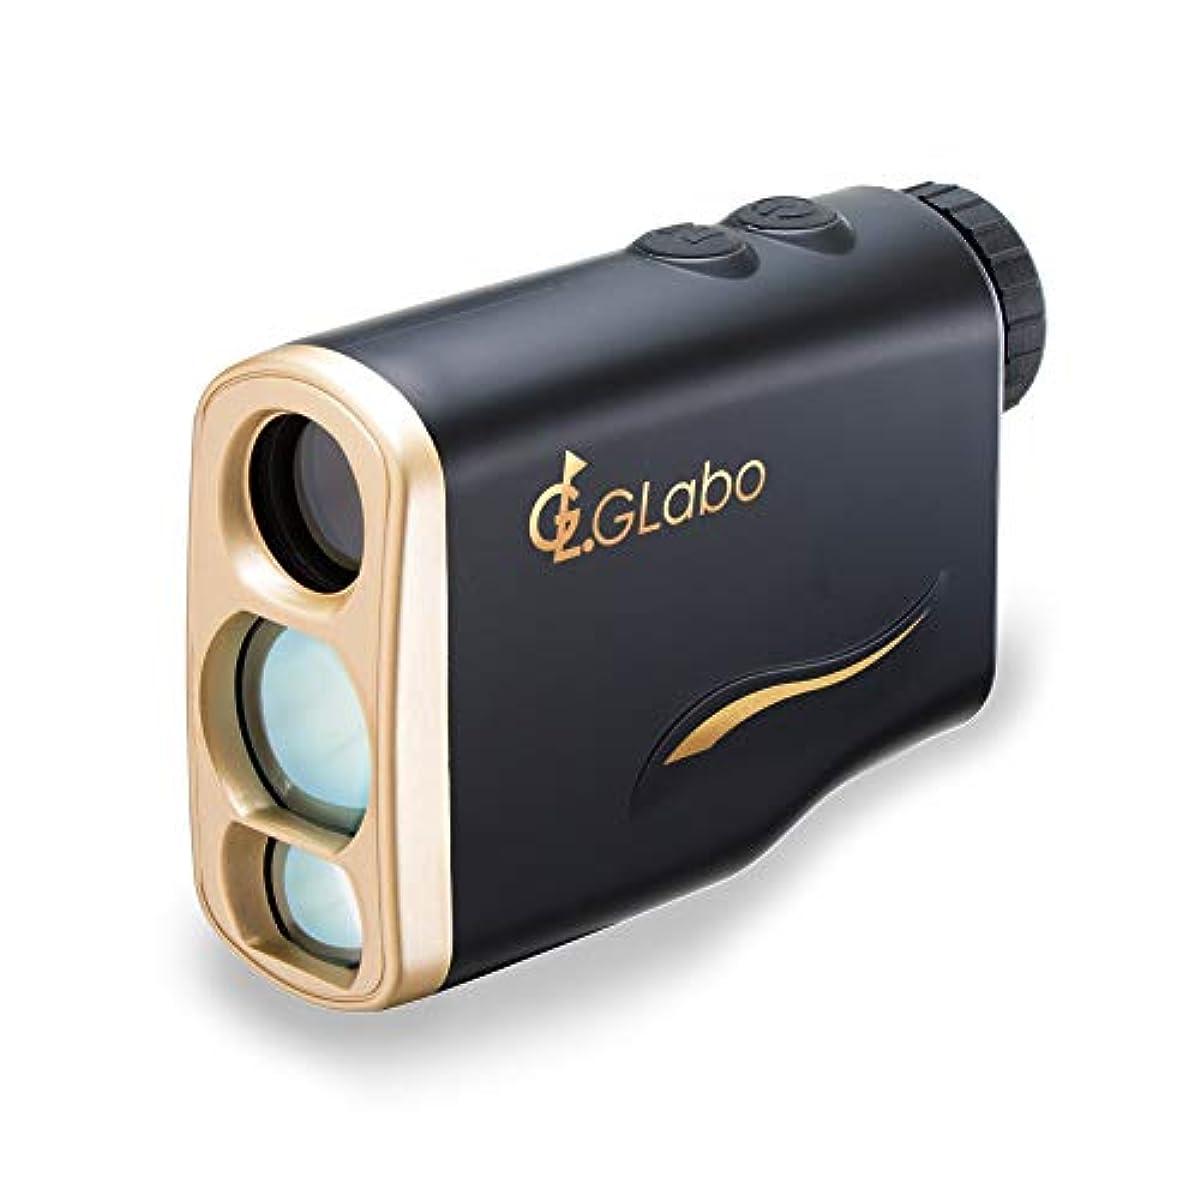 [해외] G-LABO(G 래보러터리) 골프 레이저 거리계 1000M 거리 측정기 거리 계측 골프 스코프 국내 메이커 우천 대응 IPX5 경량 147G 광학6배 망원 레인지 뷰 파인더